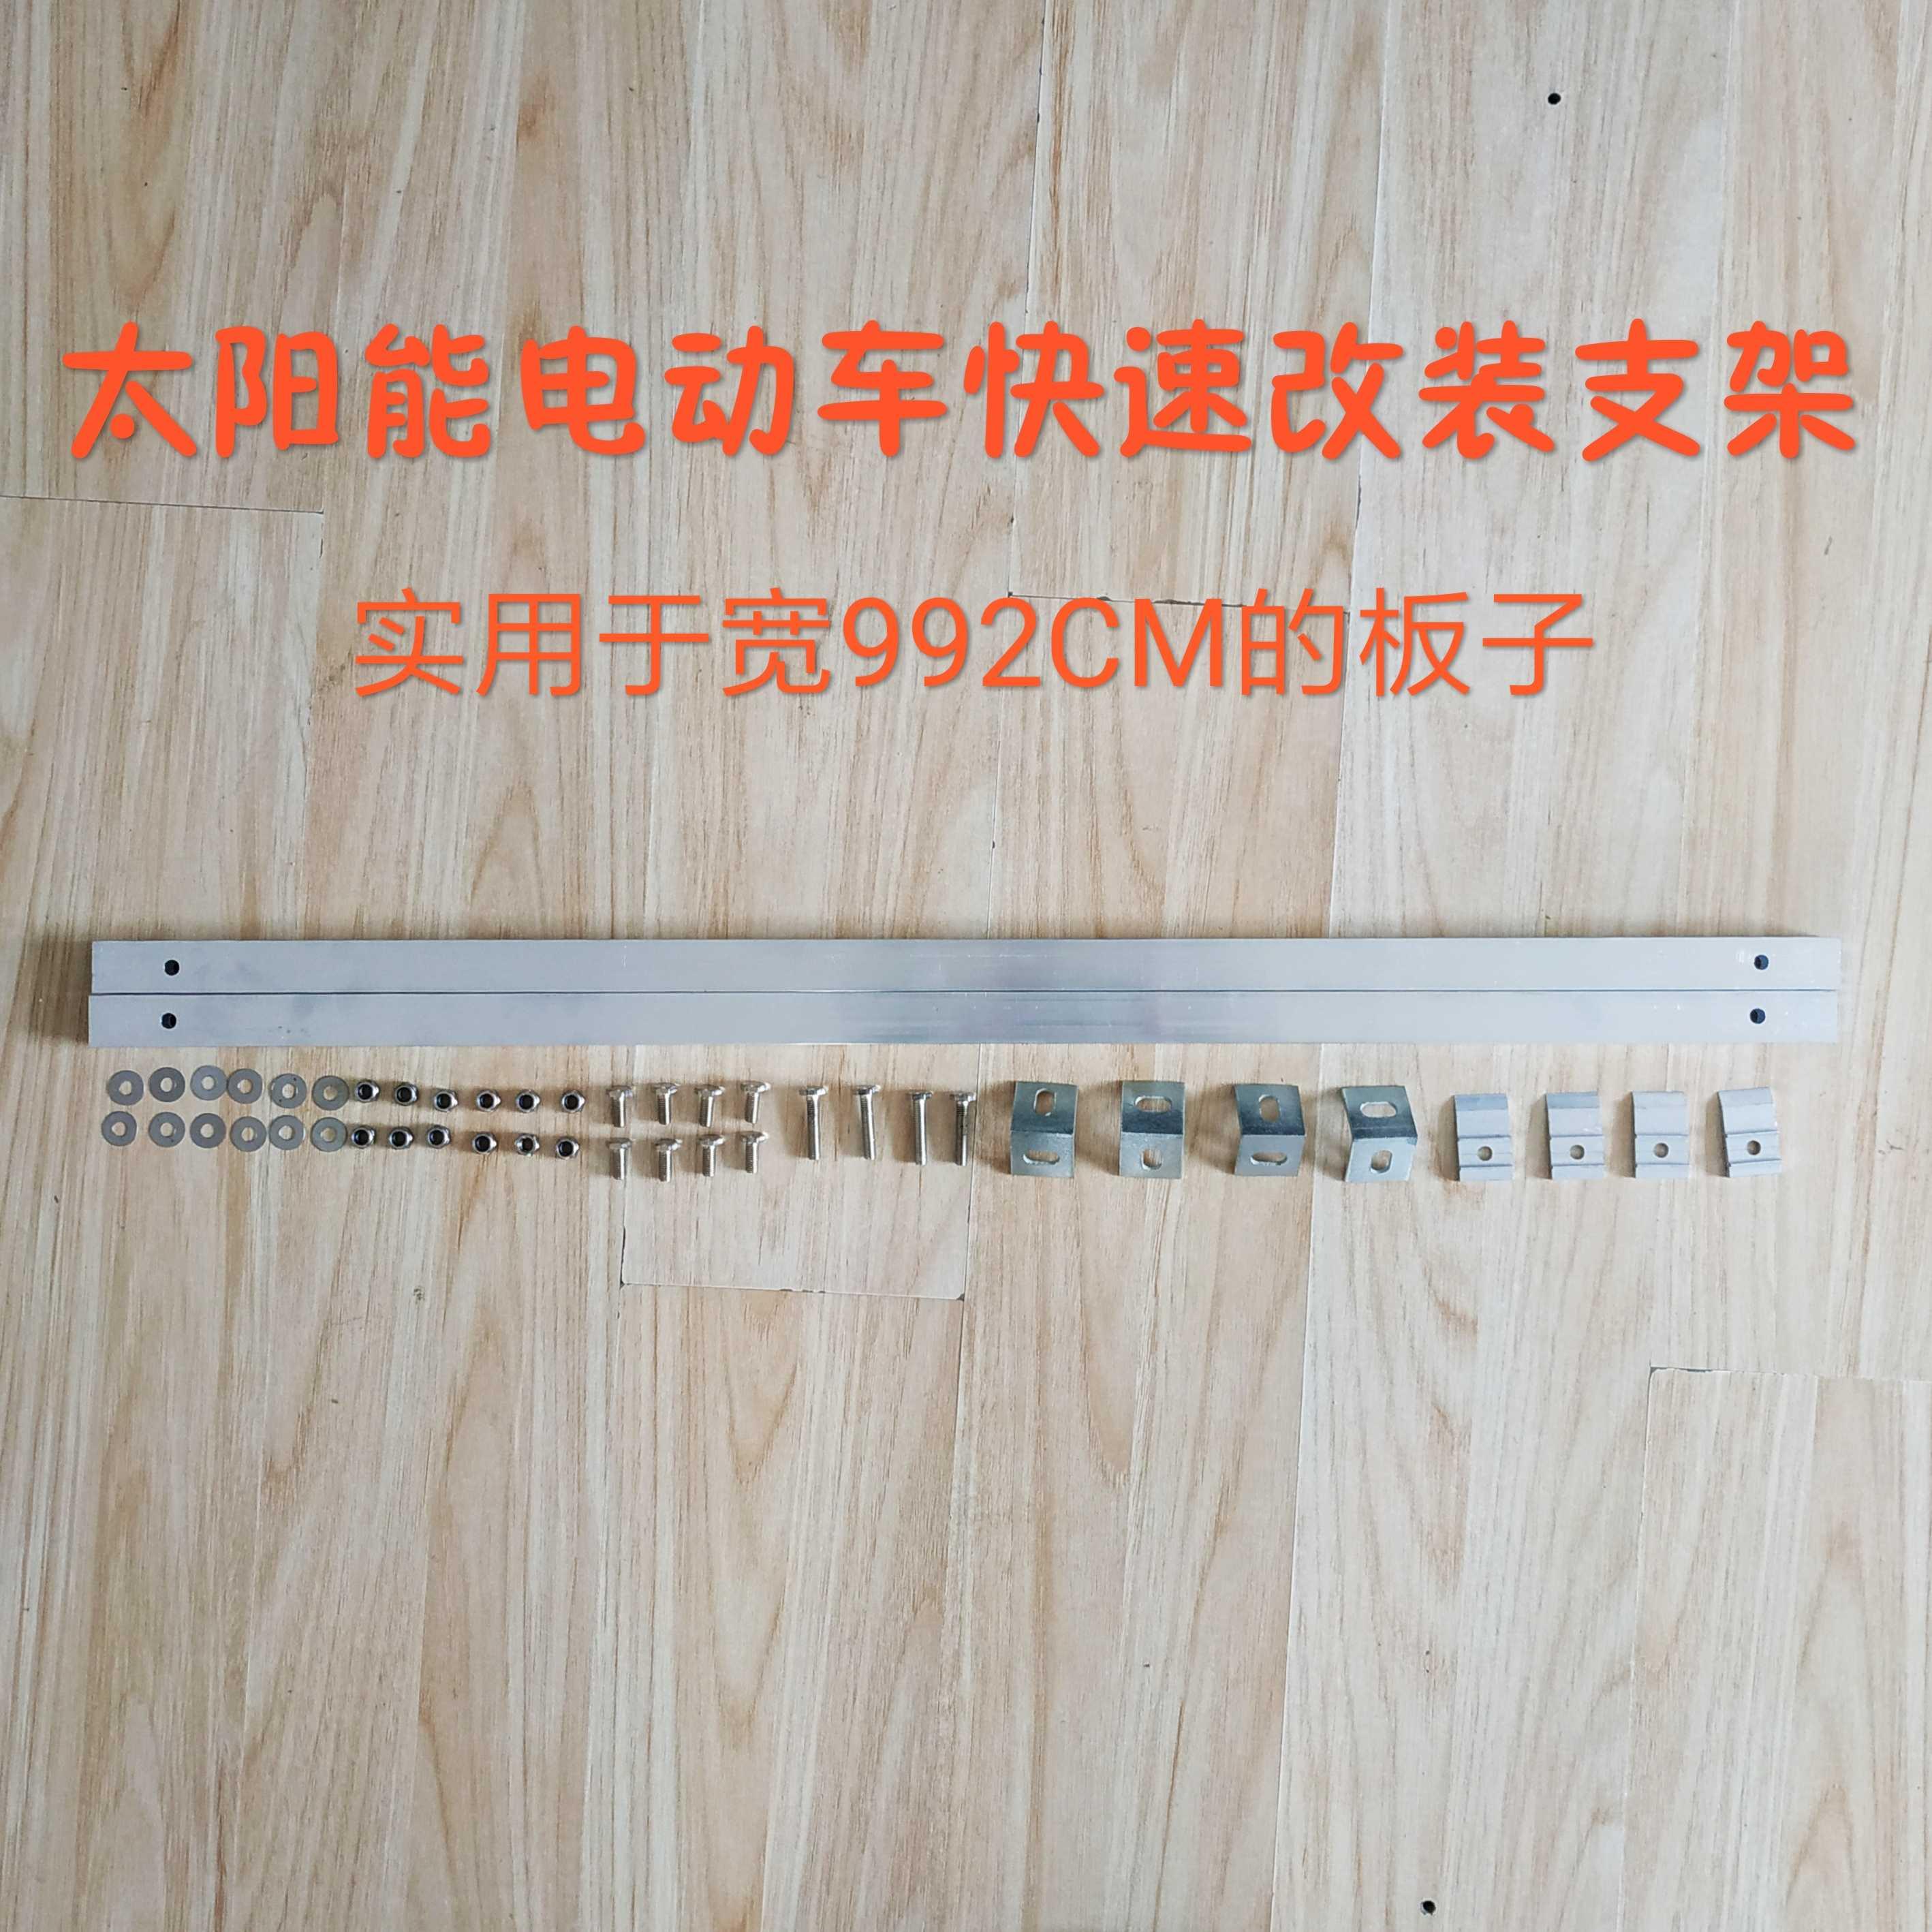 MPPT太阳能电动车升压控制器充电器24V36V48V60V72V电压可自设定